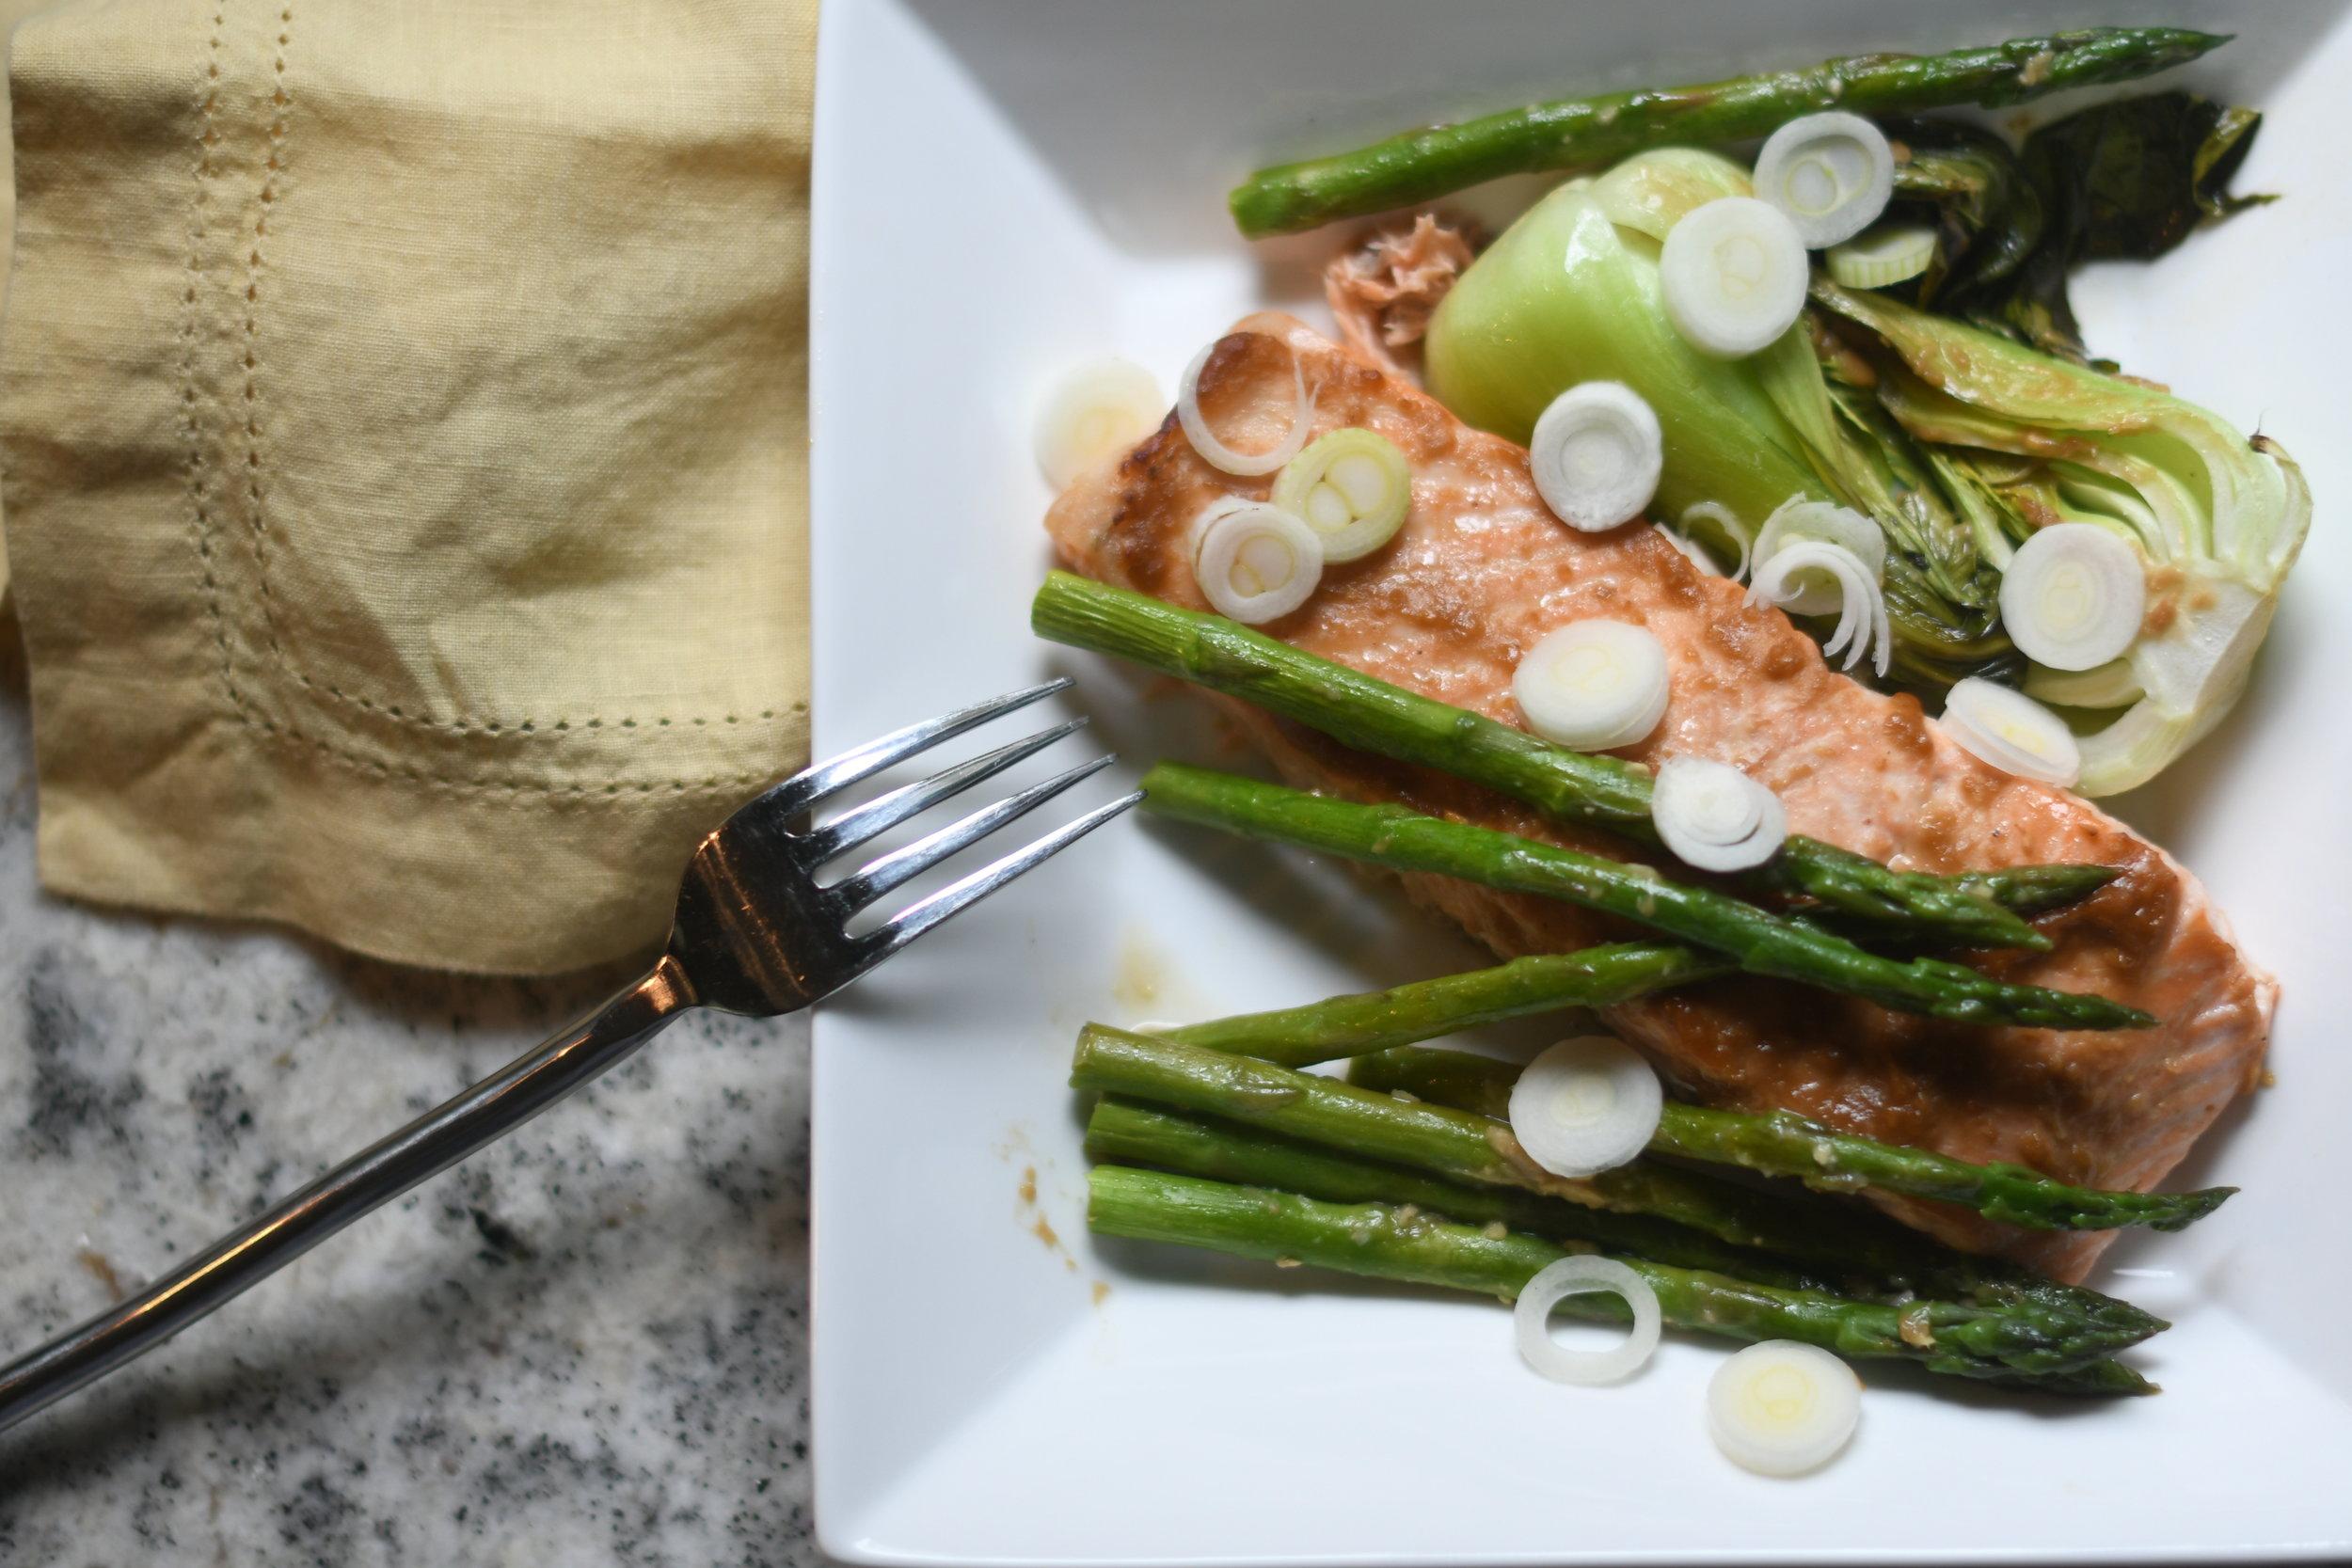 Miso Glazed Salmon with Bok Choy and Asparagus